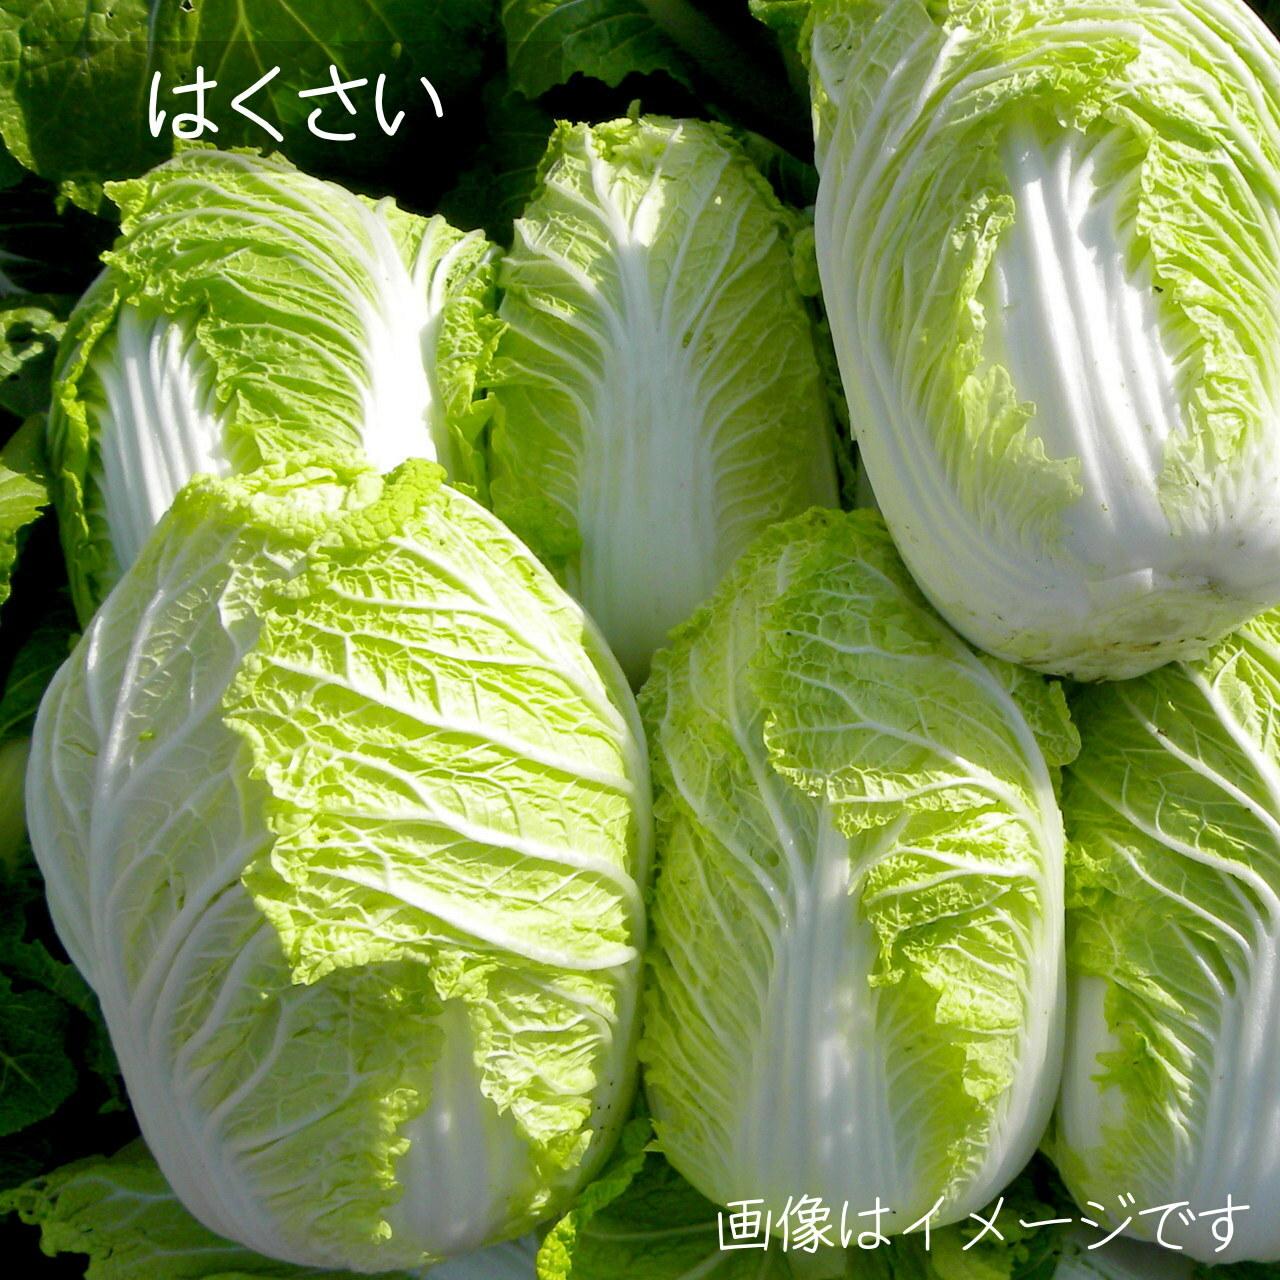 11月の朝採り直売野菜 : 白菜 1/2個 新鮮な秋野菜 11月2日発送予定